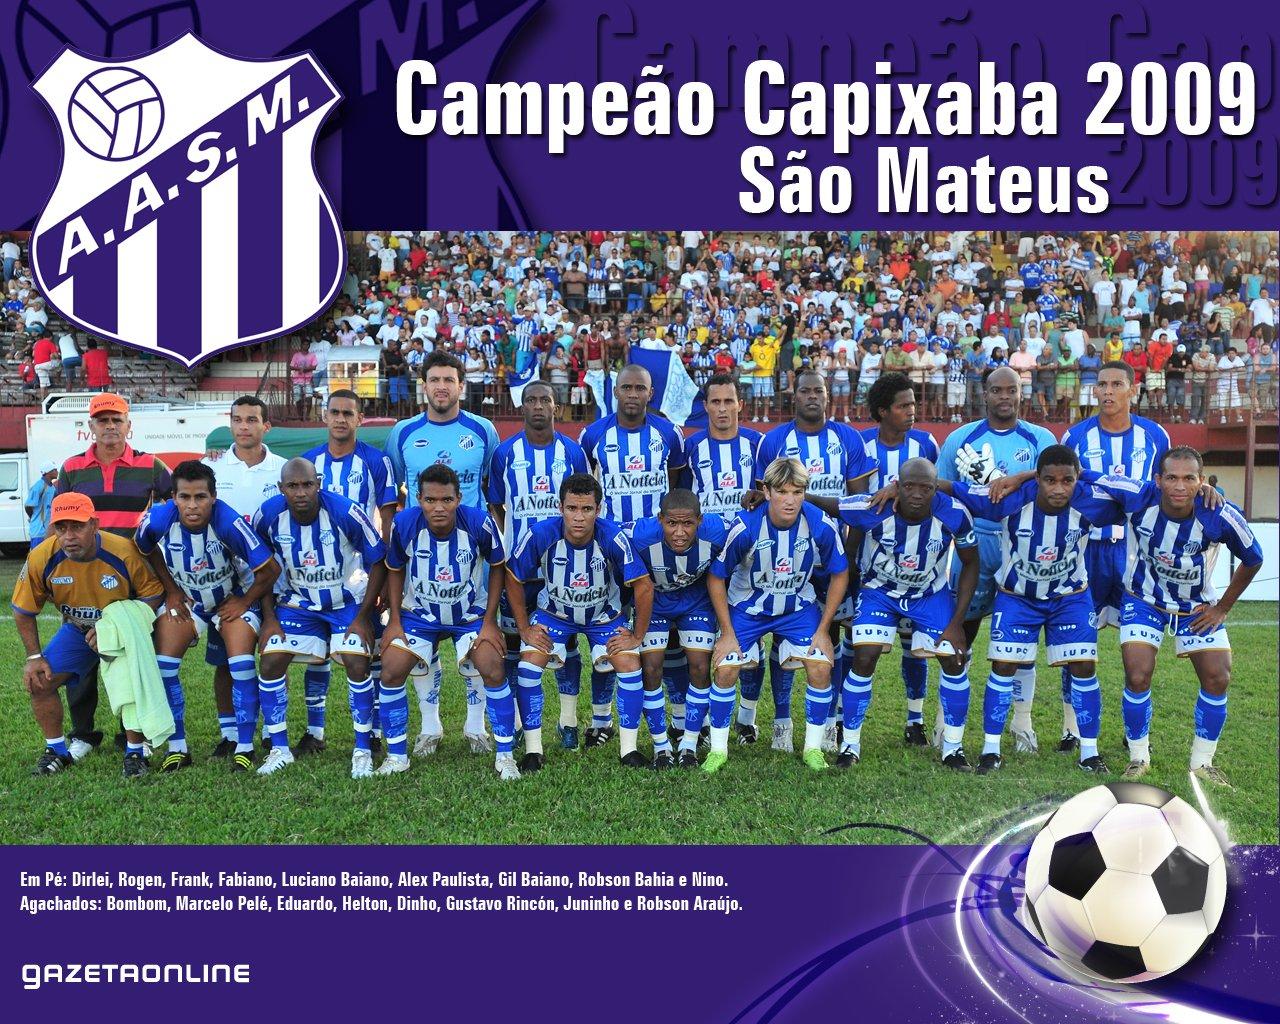 936de926450c3 saomateuscampeao2009